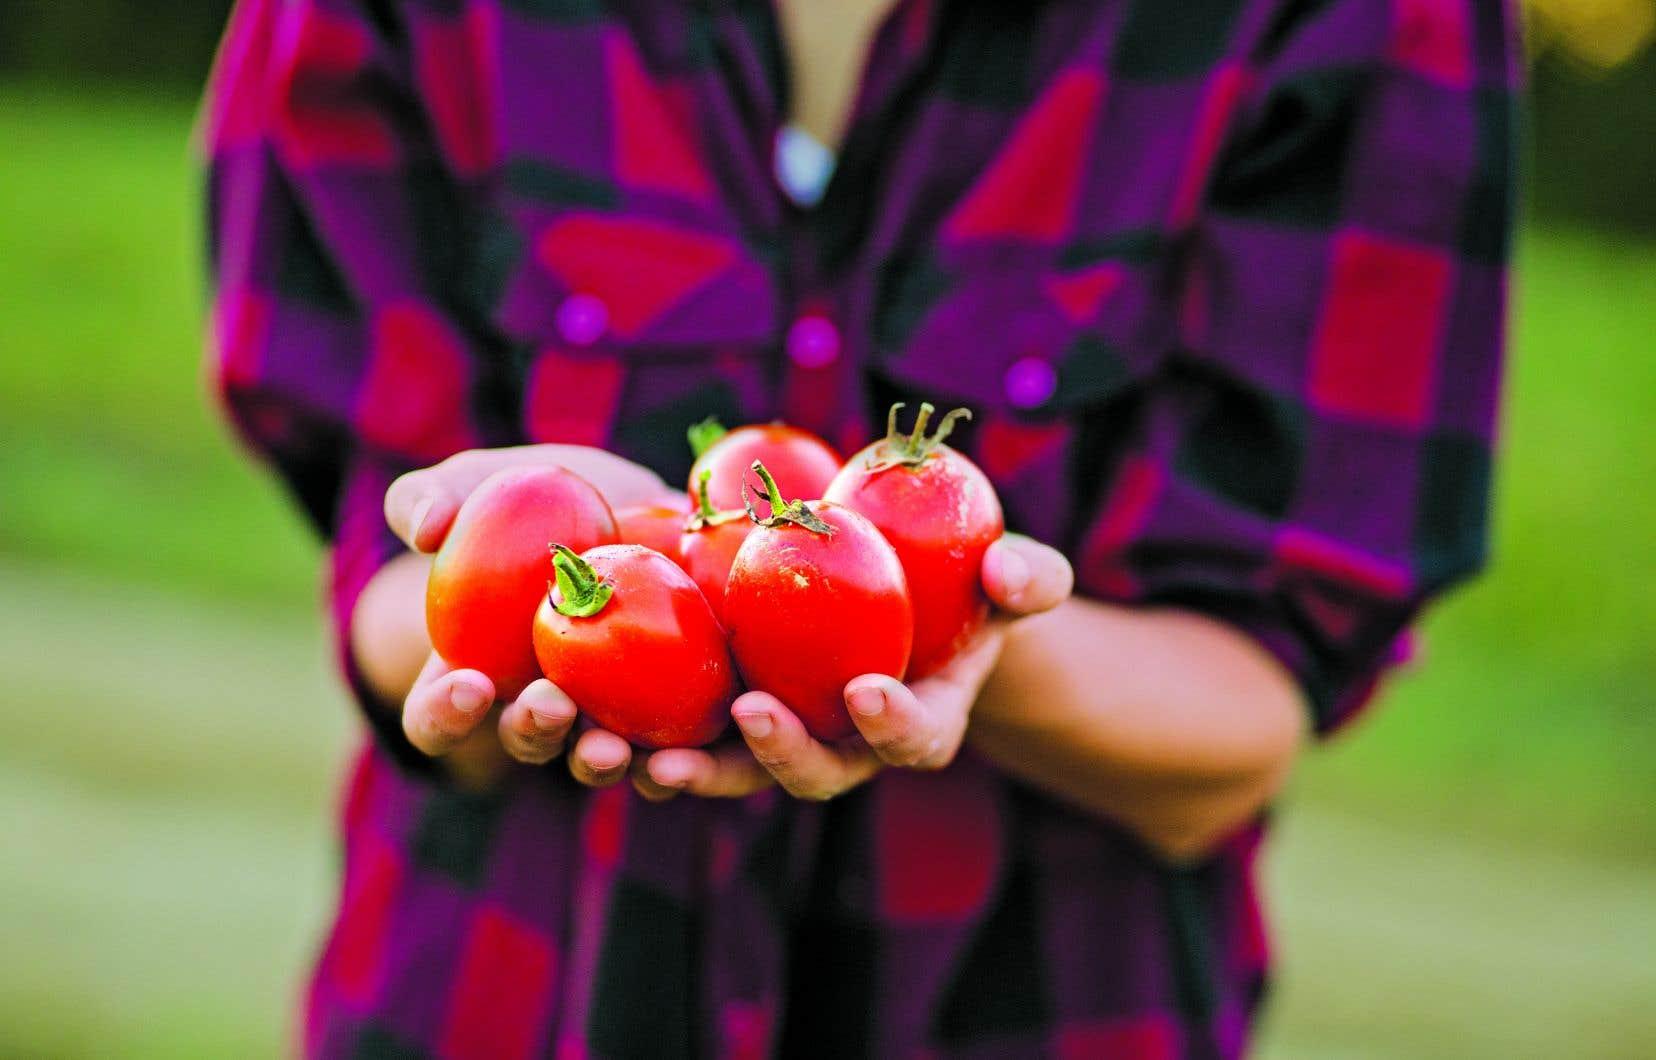 Lorsque les récoltes battent leur plein, c'est le temps de les mettre au menu sans modération, mais aussi d'en profiter pour faire quelques provisions.